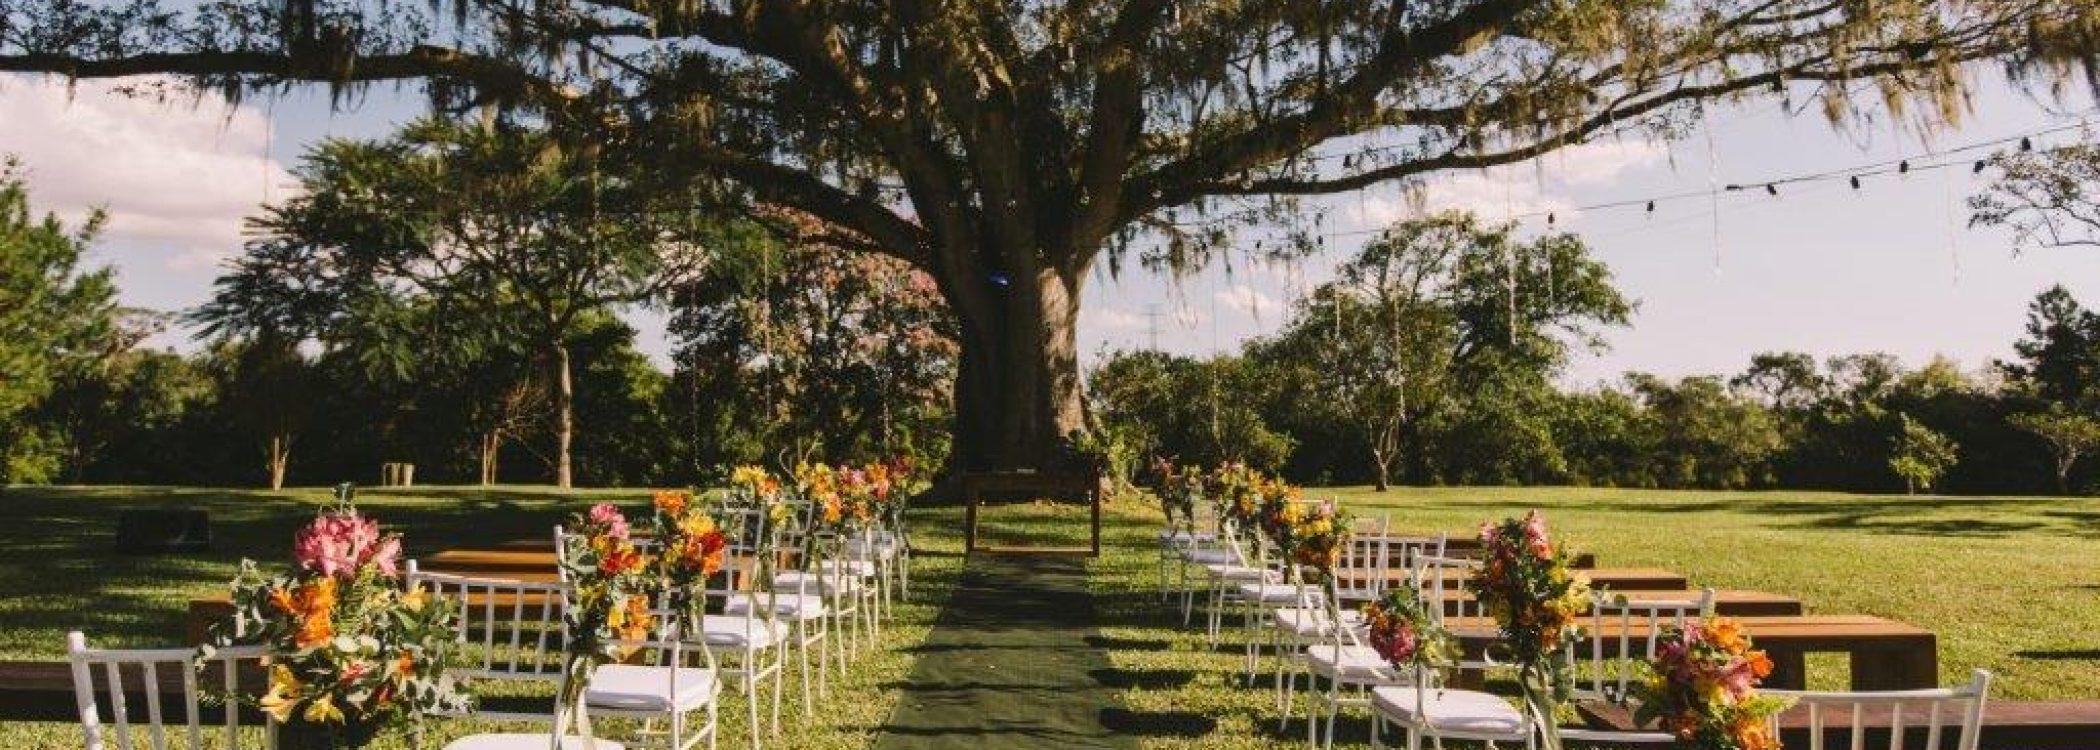 figueira-casamento-ao-ar-livre-alameda-figueira-